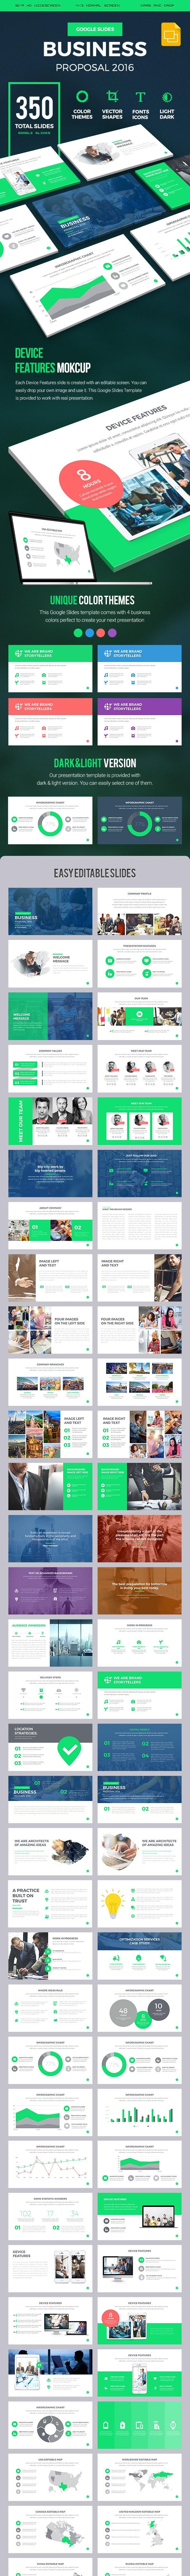 Business Proposal 2016 Google Slides Presentation Template - Google Slides Presentation Templates